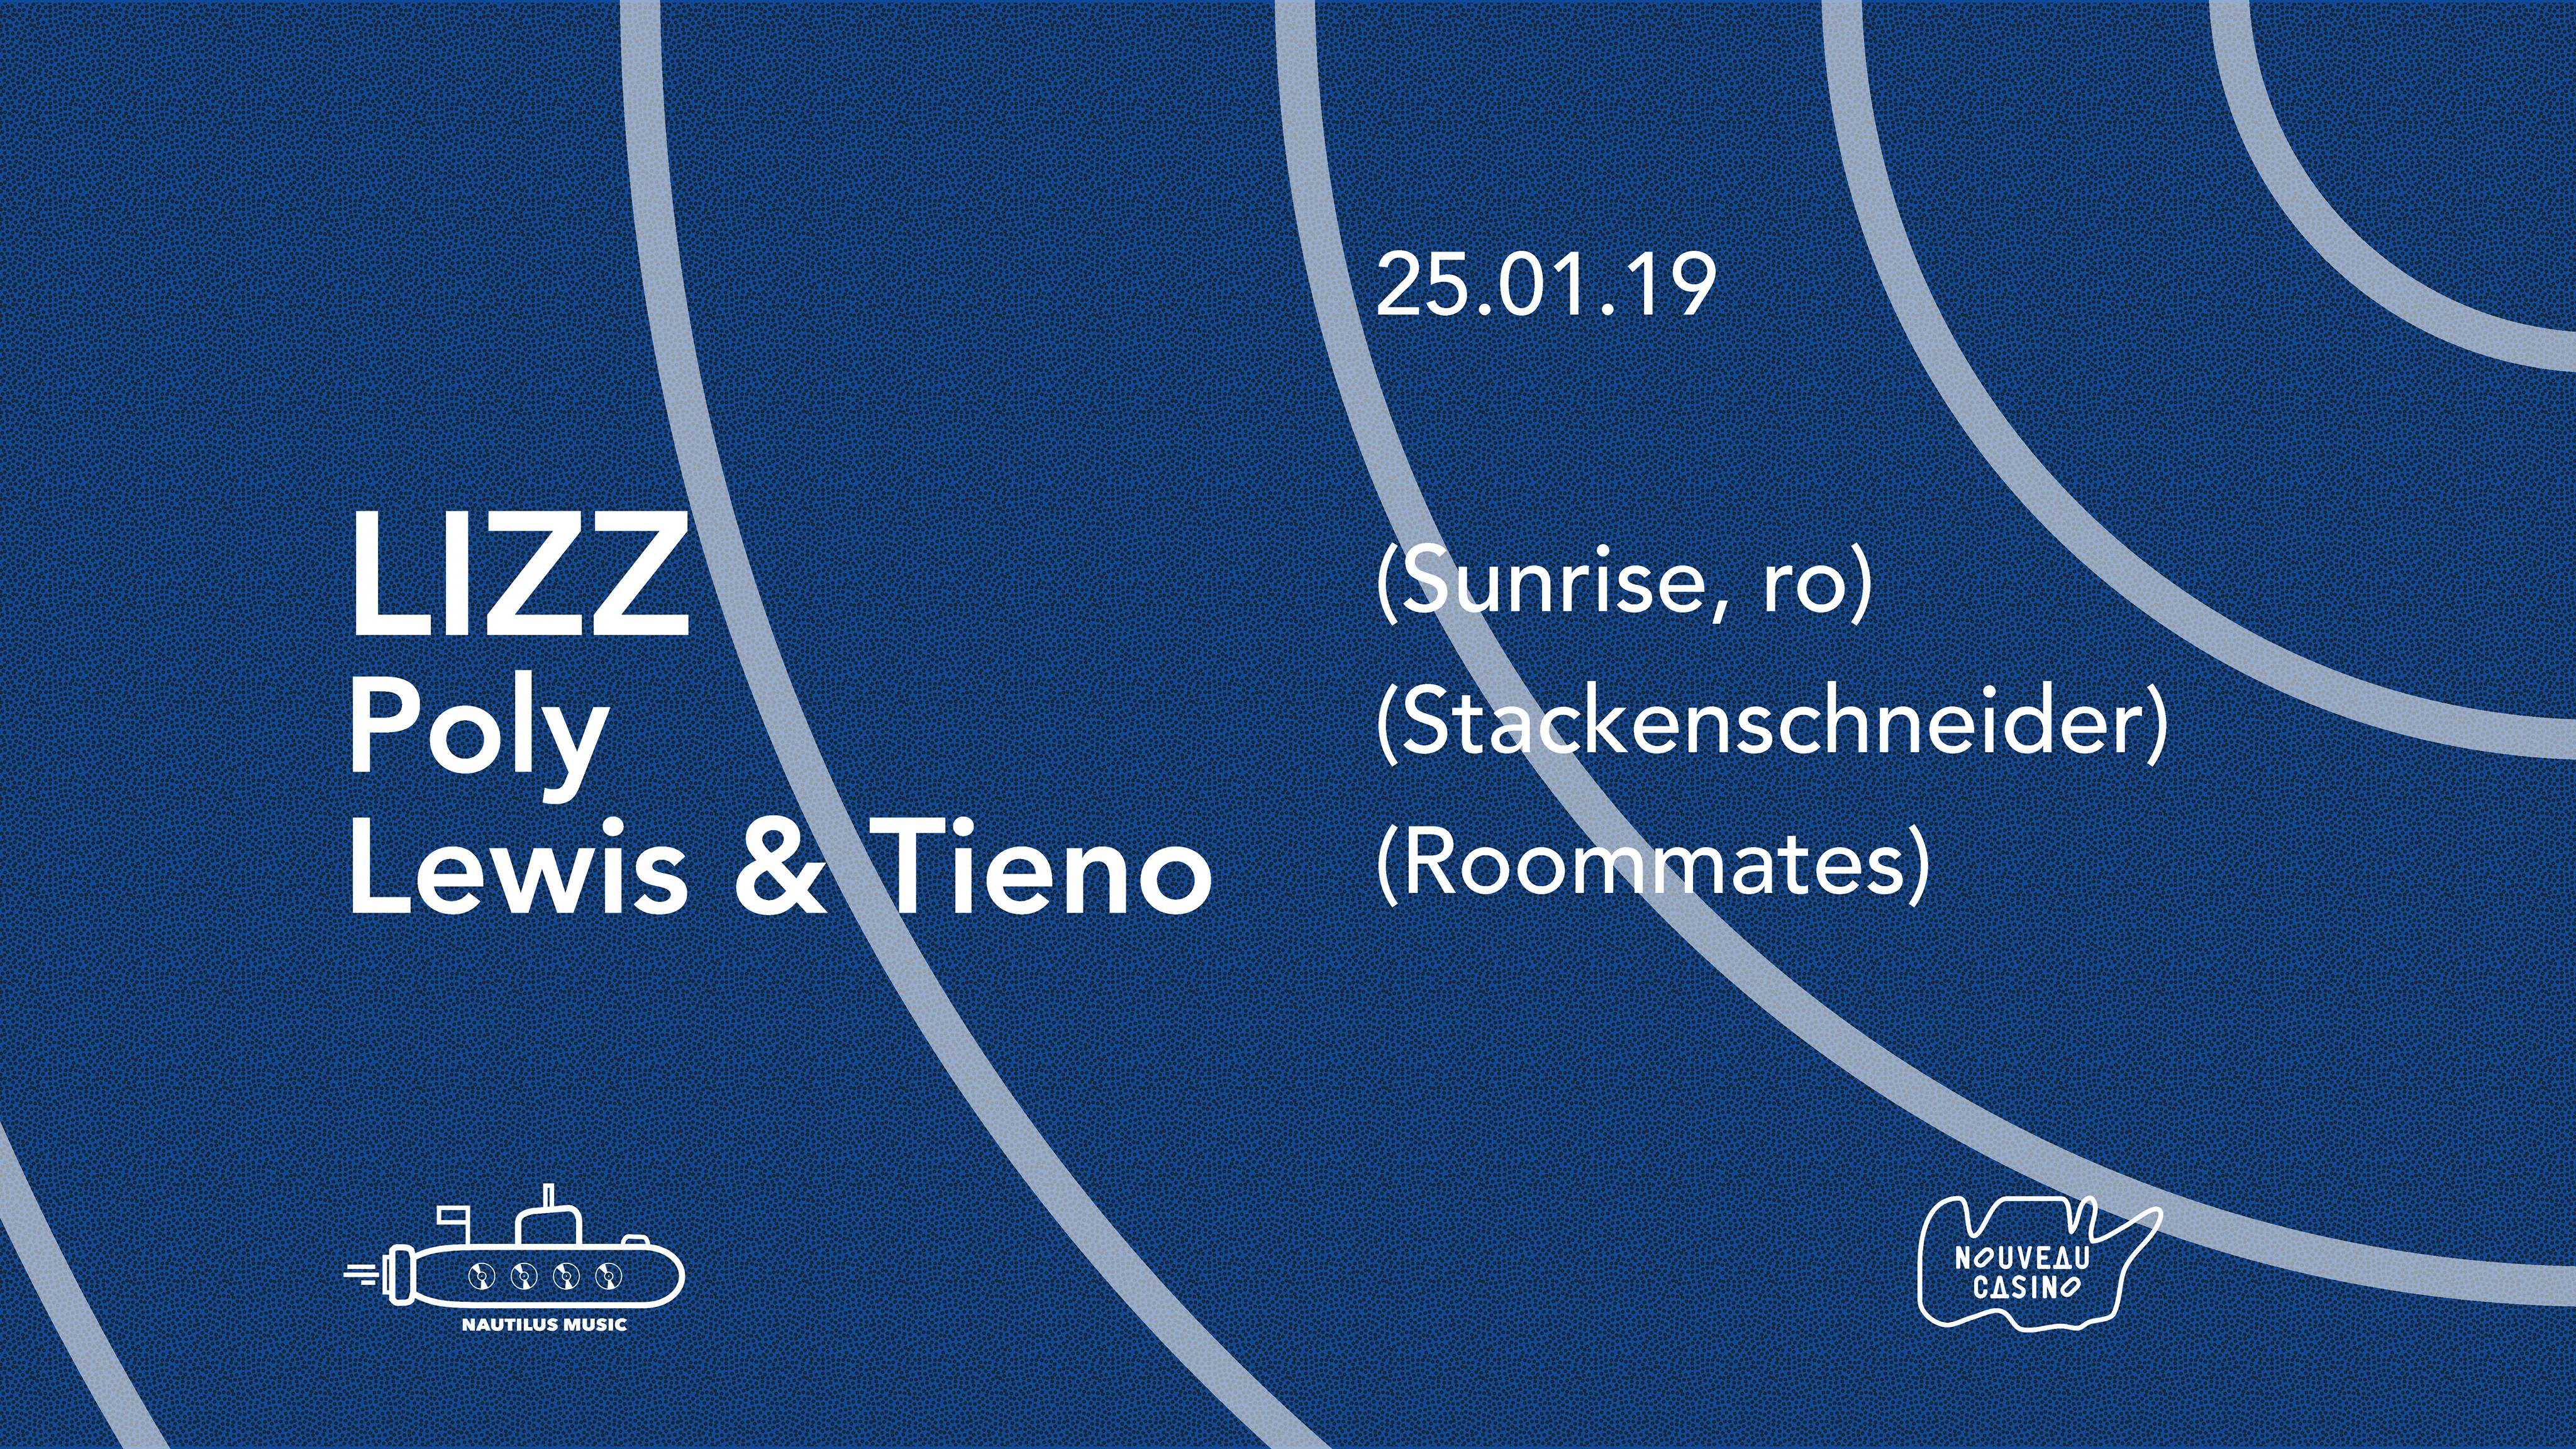 Nautilus invite : LIZZ / Poly / Lewis & Tieno